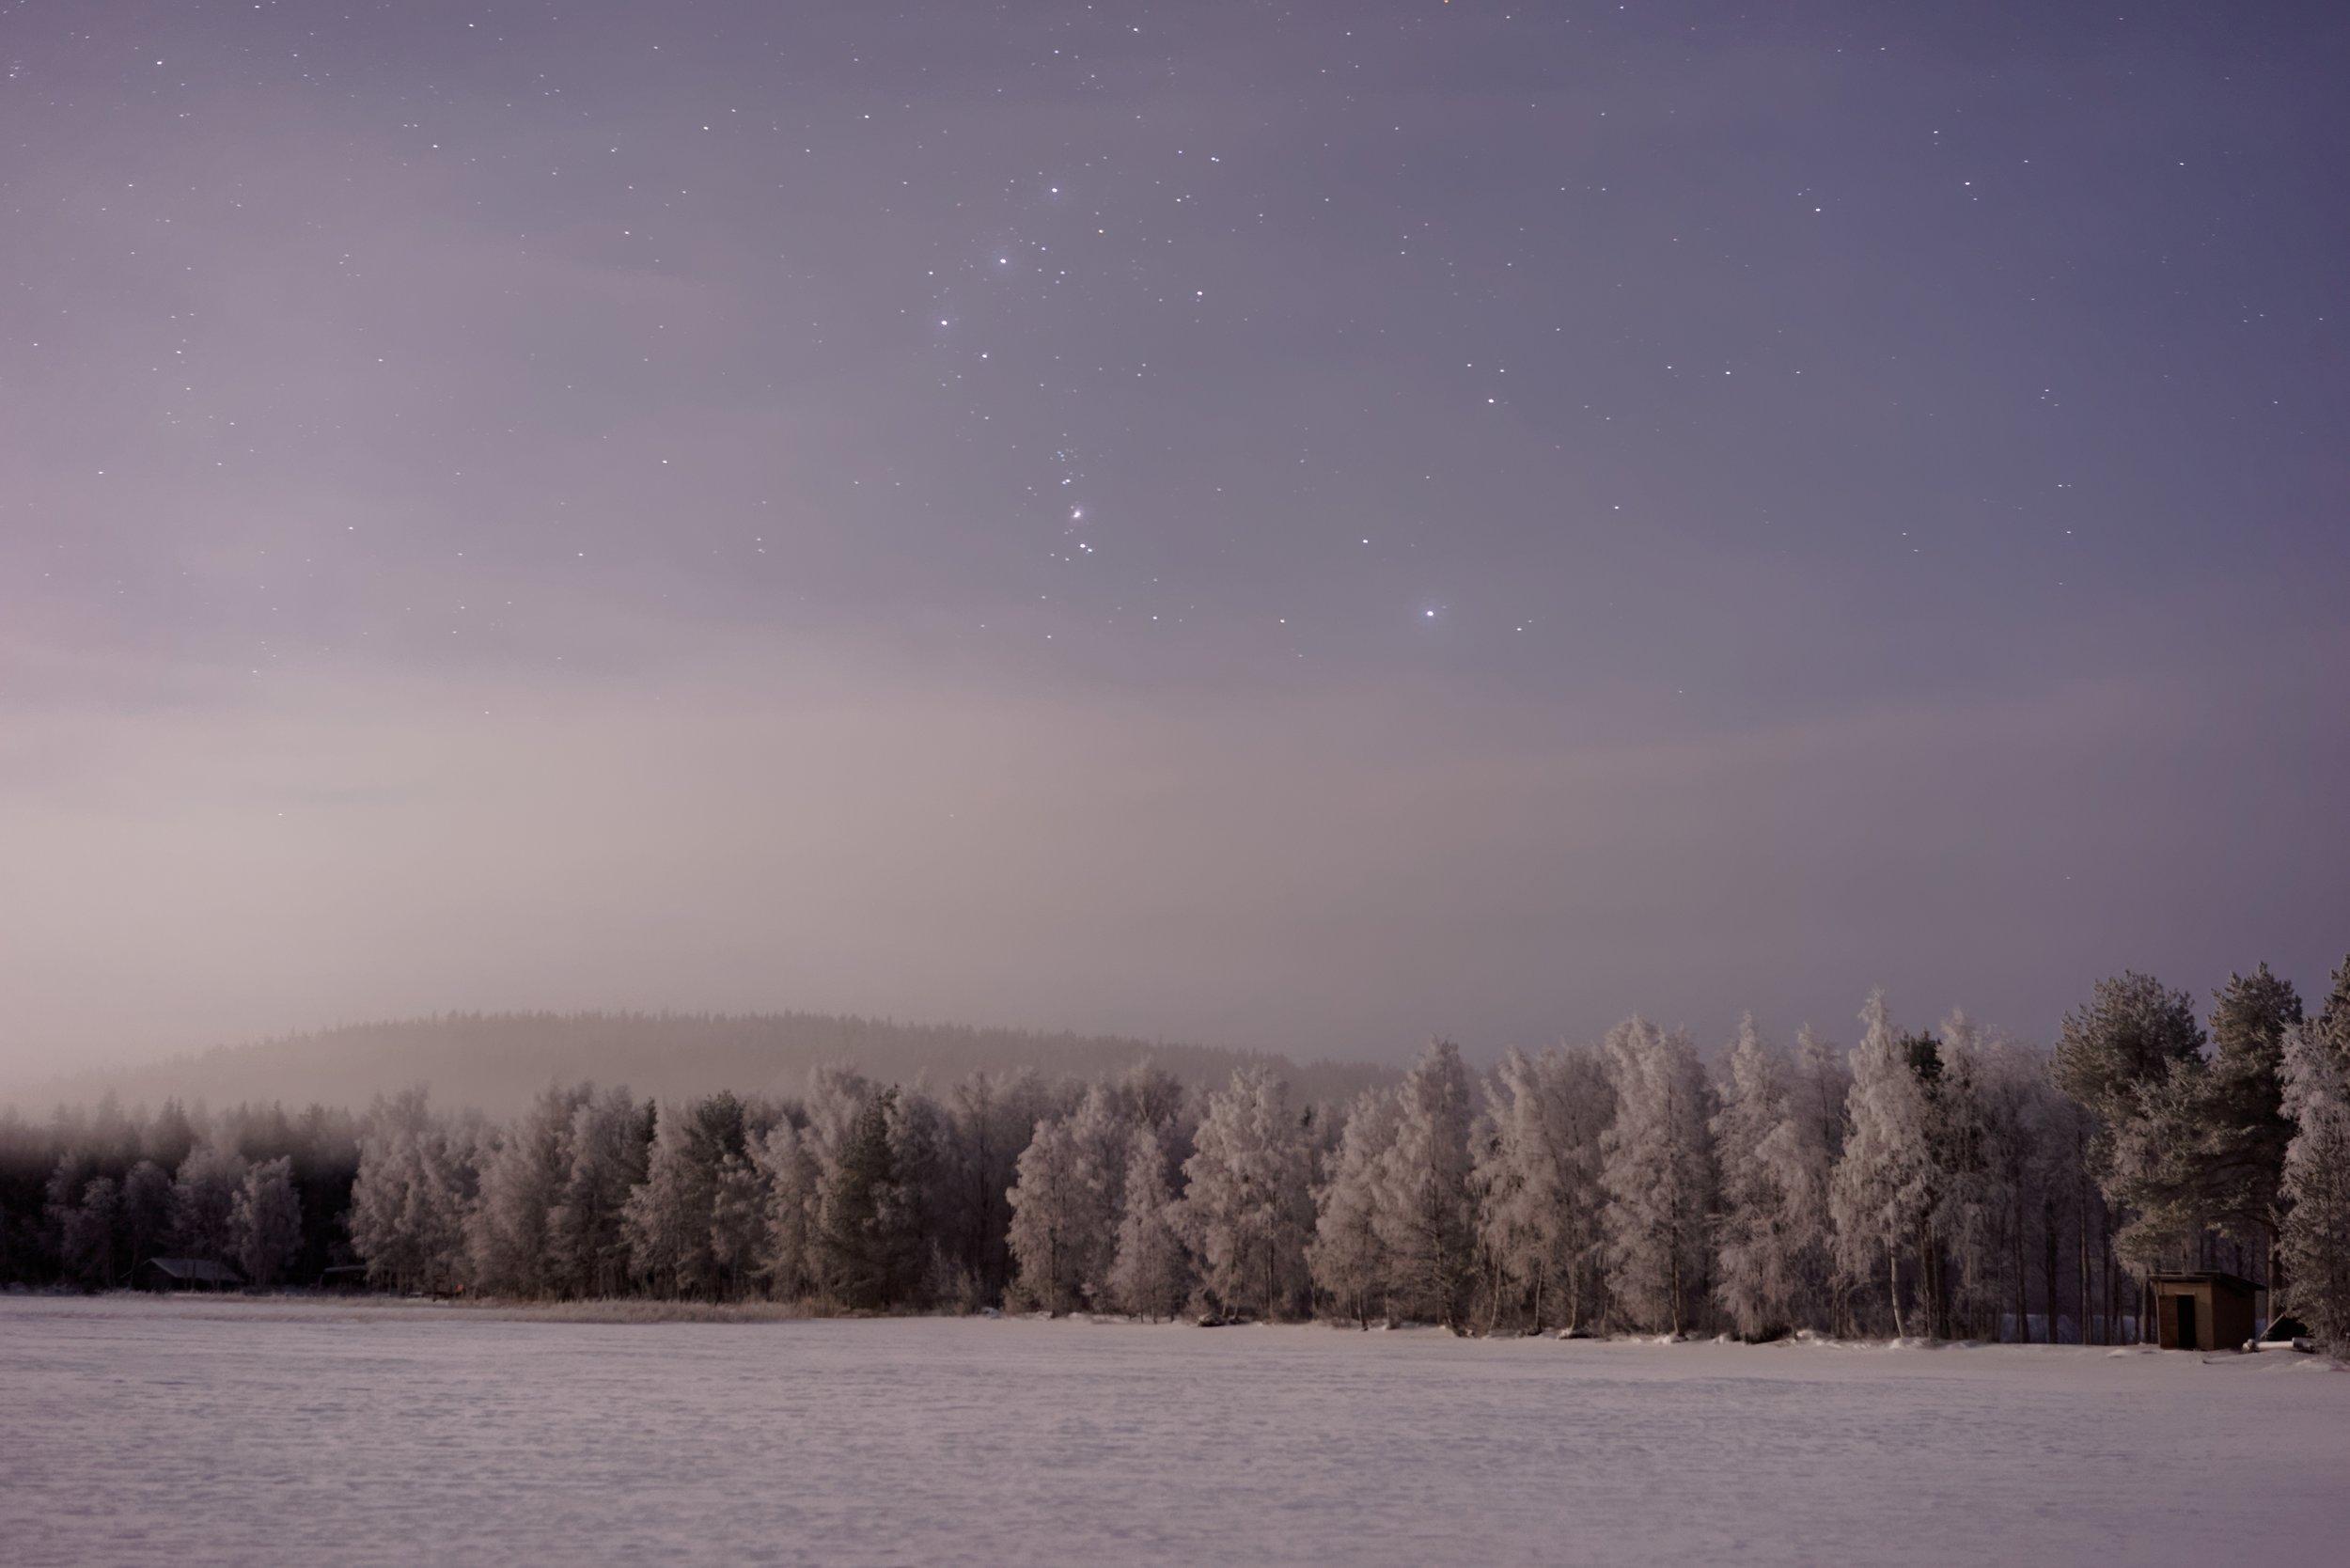 sky in lapland.jpg